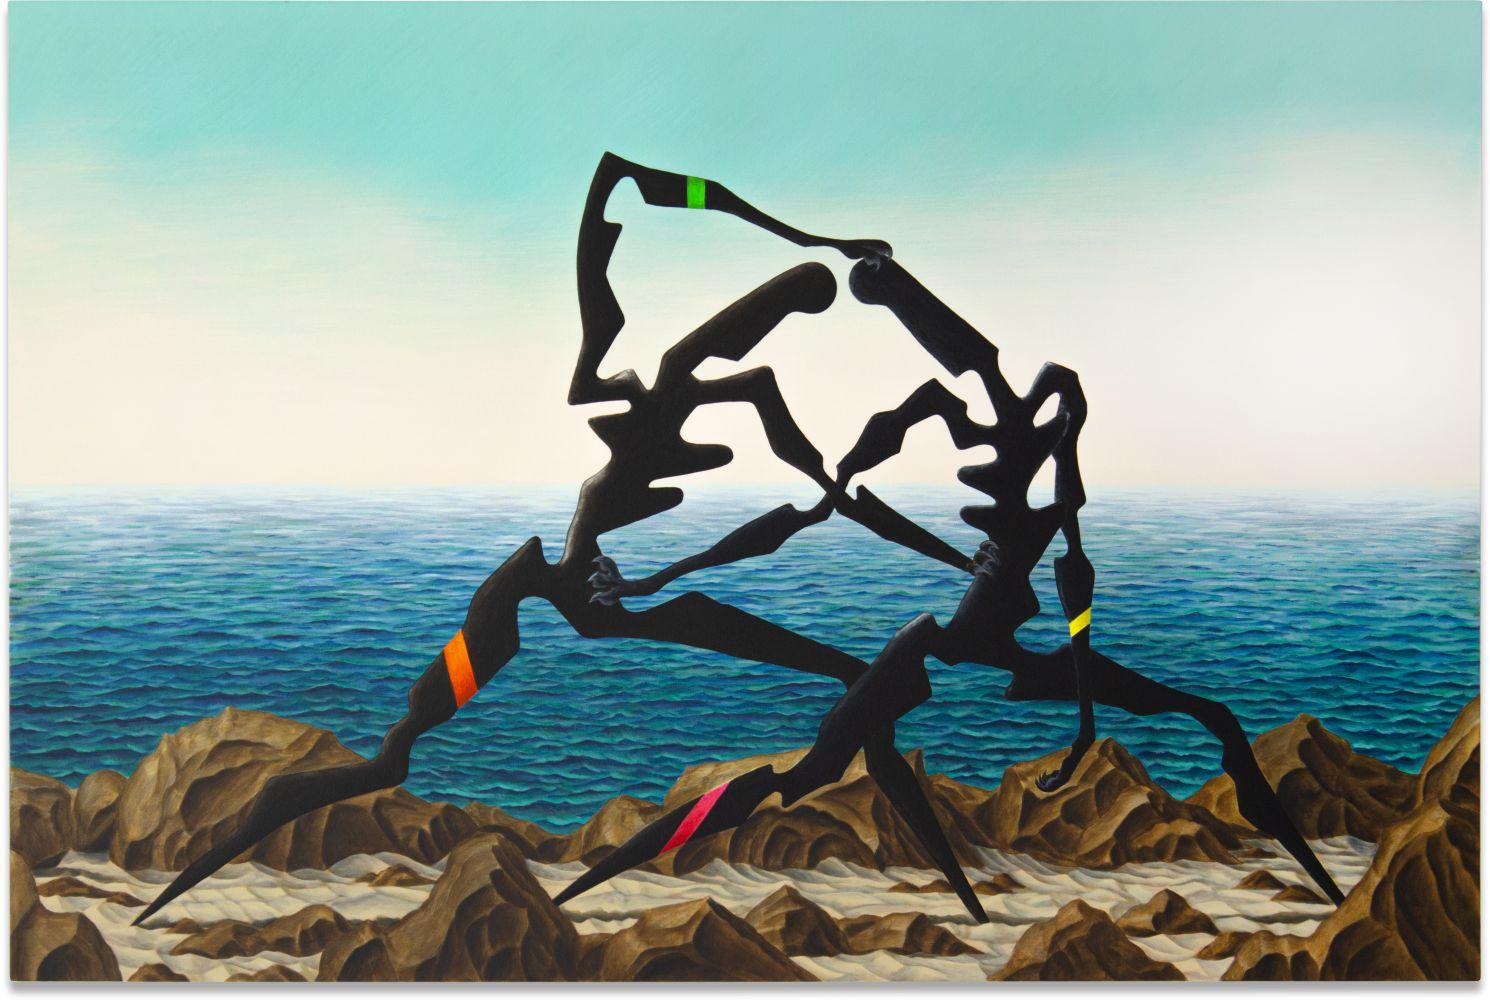 Alejandro Cardenas, The Messengers, 2020